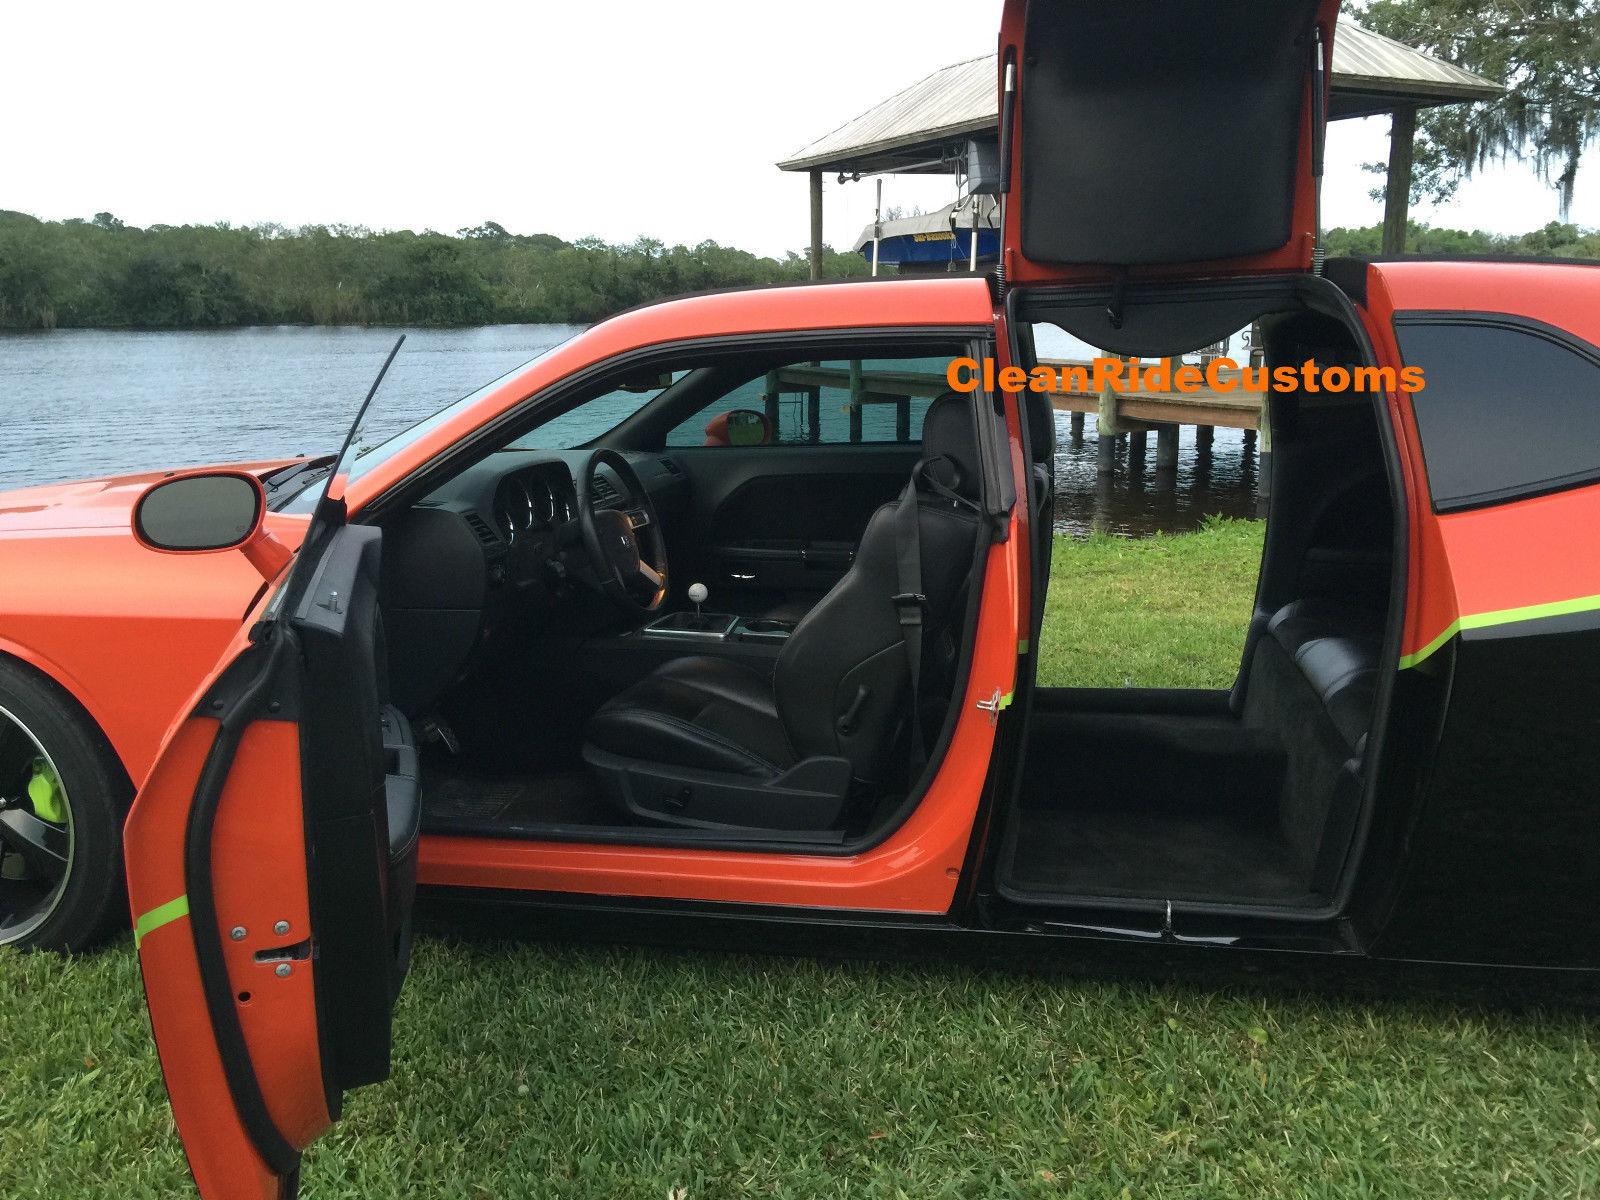 ... Four-Door Dodge Challenger SRT8   ... & Four-Door Dodge Challenger SRT8 Has Rear Gullwing Doors for Sale at ...